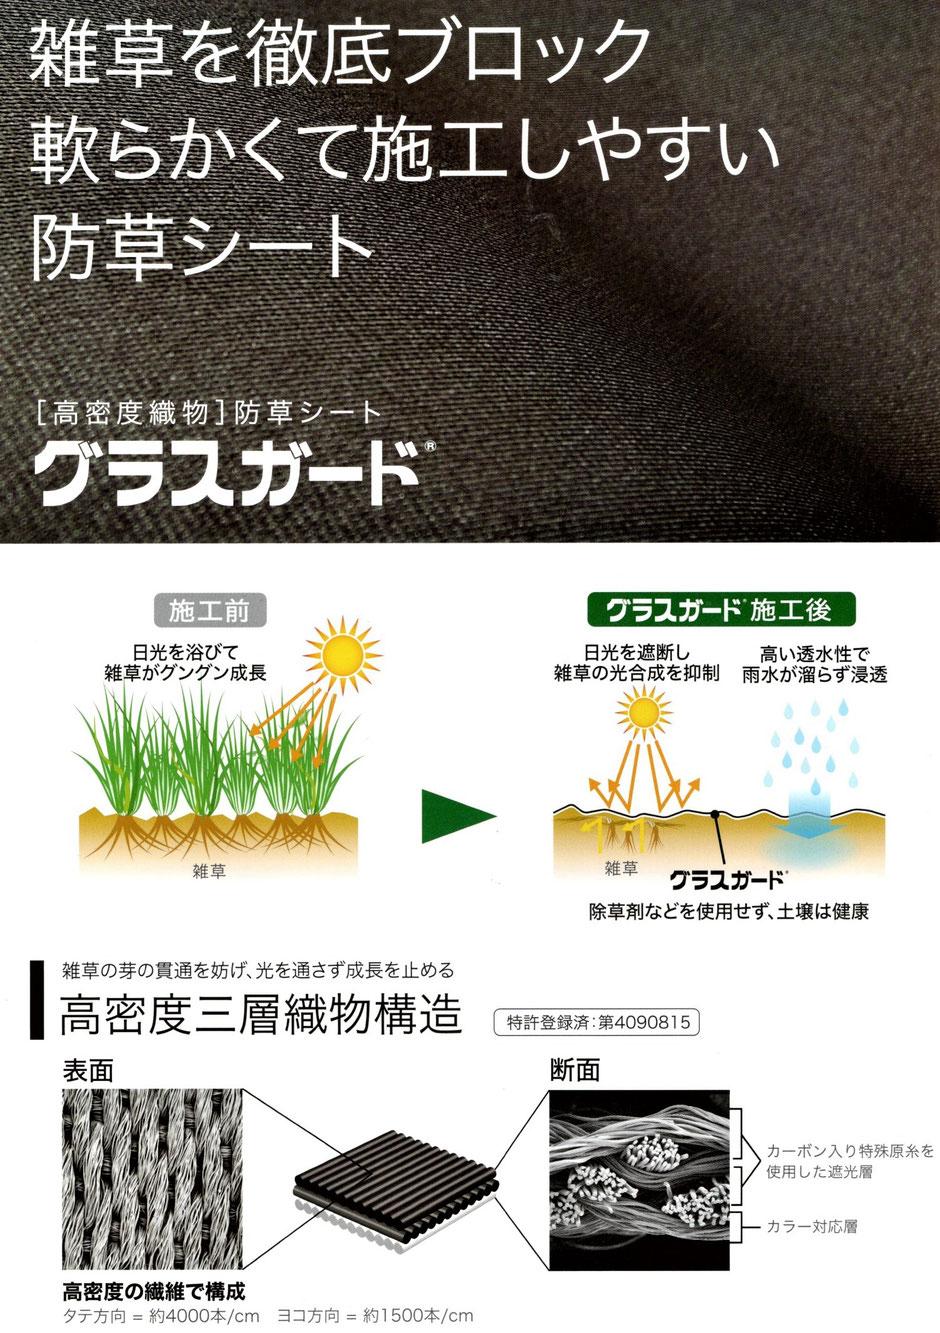 太陽光発電の妨げとなる、芝の生育を抑制するシートのご紹介です。